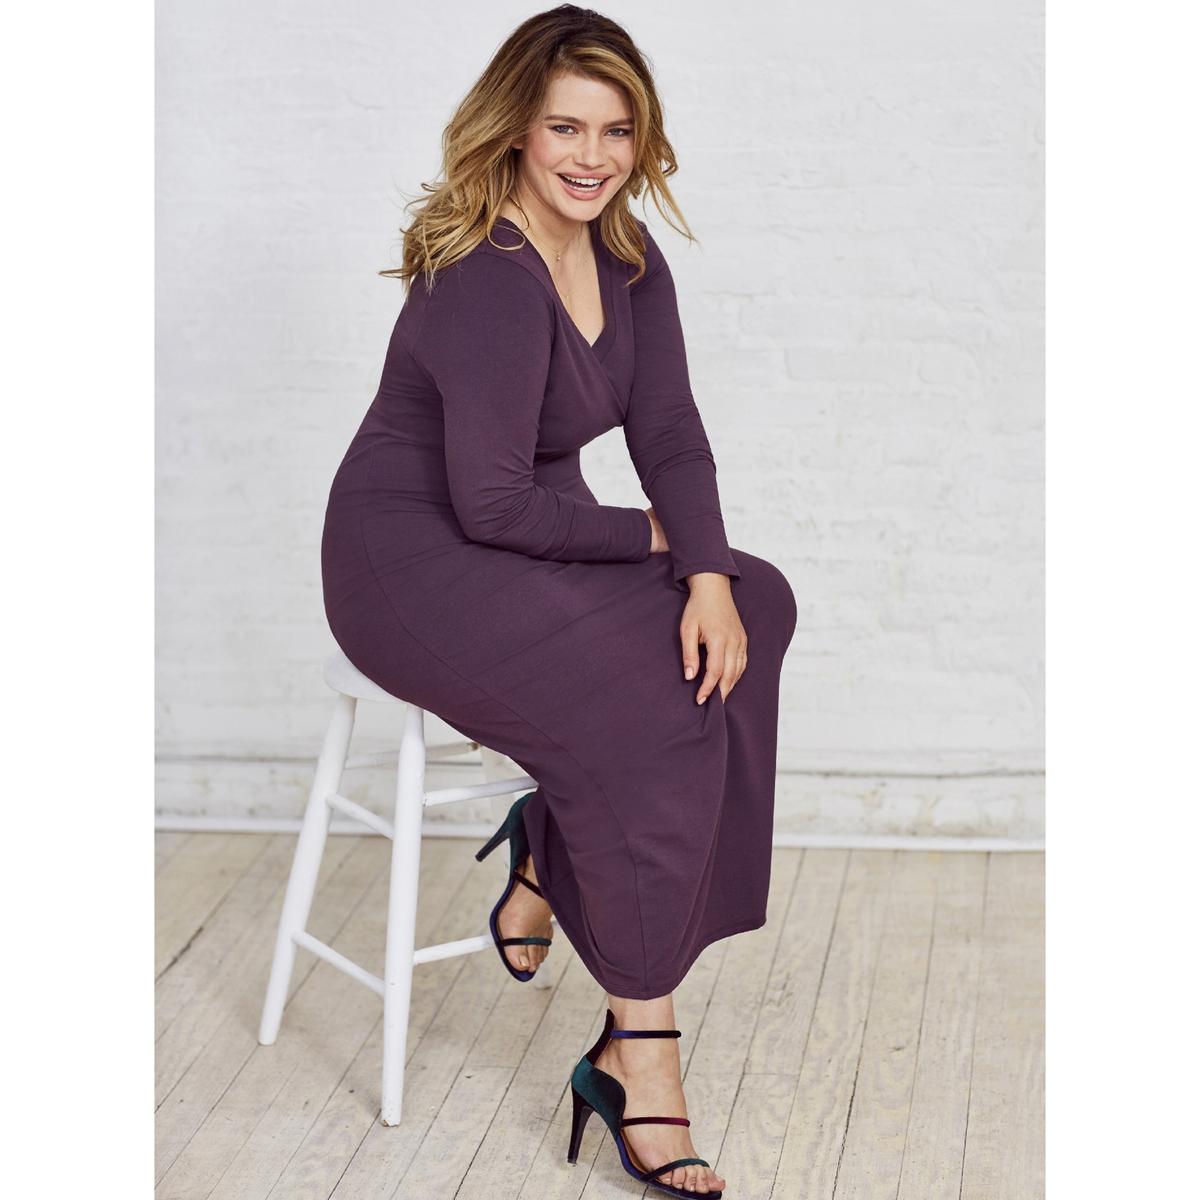 Платье длинное трикотажное с длинными рукавамиОписание:Очень женственное длинное платье из мягкого и струящегося трикотажа.Это длинное платье можно носить по любому случаю. Очаровательный V-образный вырез спереди и сзади.Детали  •  Форма : Облегающий покрой •  Длина ниже колен •  Длинные рукава    •   V-образный вырезСостав и уход •  48% хлопка, 4% эластана, 48% модала •  Температура стирки 30° на деликатном режиме  •  Не использовать сухую чистку / не отбеливать •  Не использовать барабанную сушку  •  Низкая температура глажки Товар из коллекции больших размеров •  Длина : 148,8 см<br><br>Цвет: сливовый,темно-синий,черный<br>Размер: 46 (FR) - 52 (RUS).46 (FR) - 52 (RUS).50 (FR) - 56 (RUS).50 (FR) - 56 (RUS).44 (FR) - 50 (RUS).42 (FR) - 48 (RUS).50 (FR) - 56 (RUS)